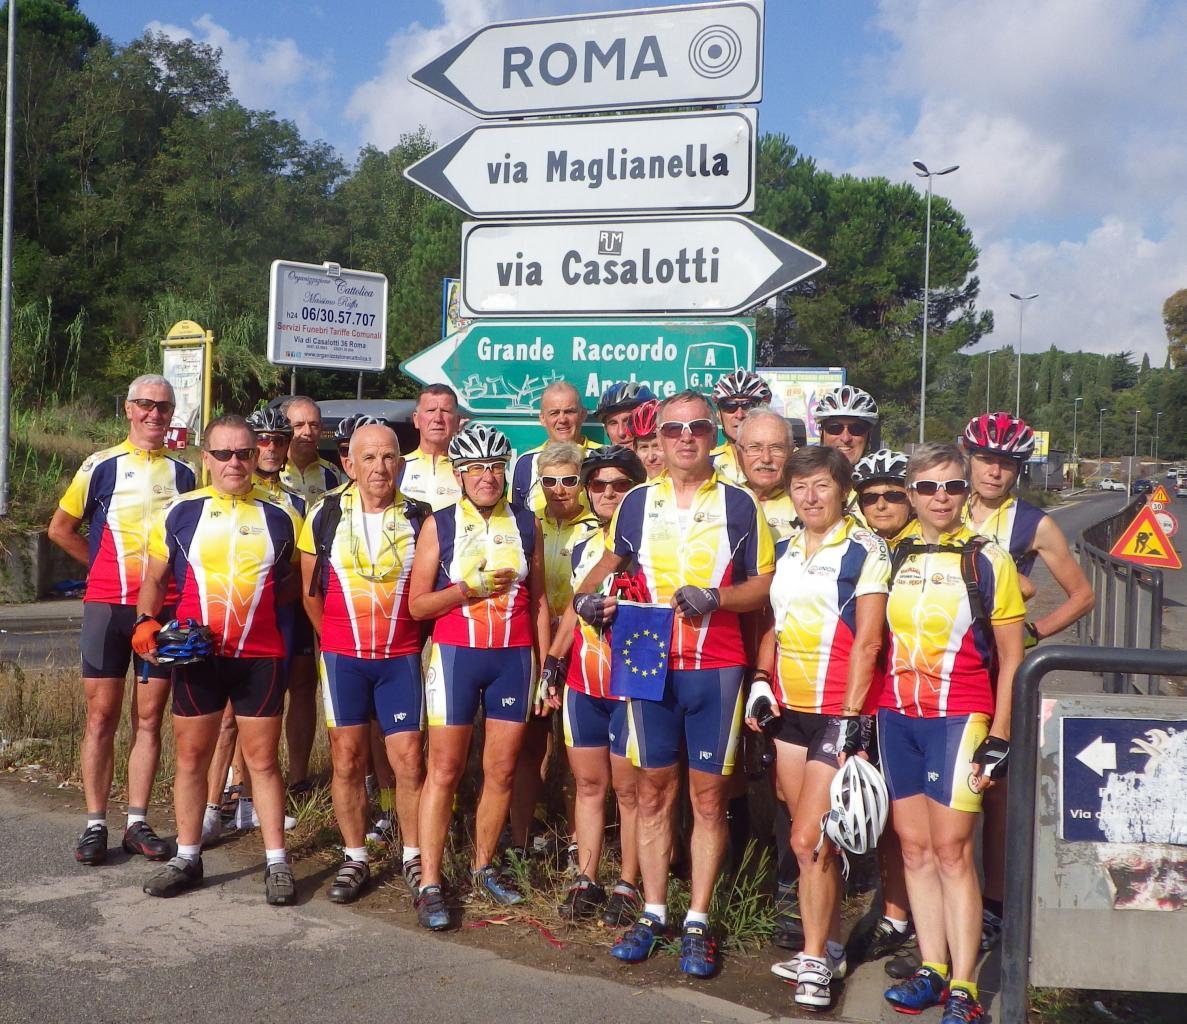 2014 - Trait d'union Européen - Modane - San Marin – Rome - Tour de Sardaigne